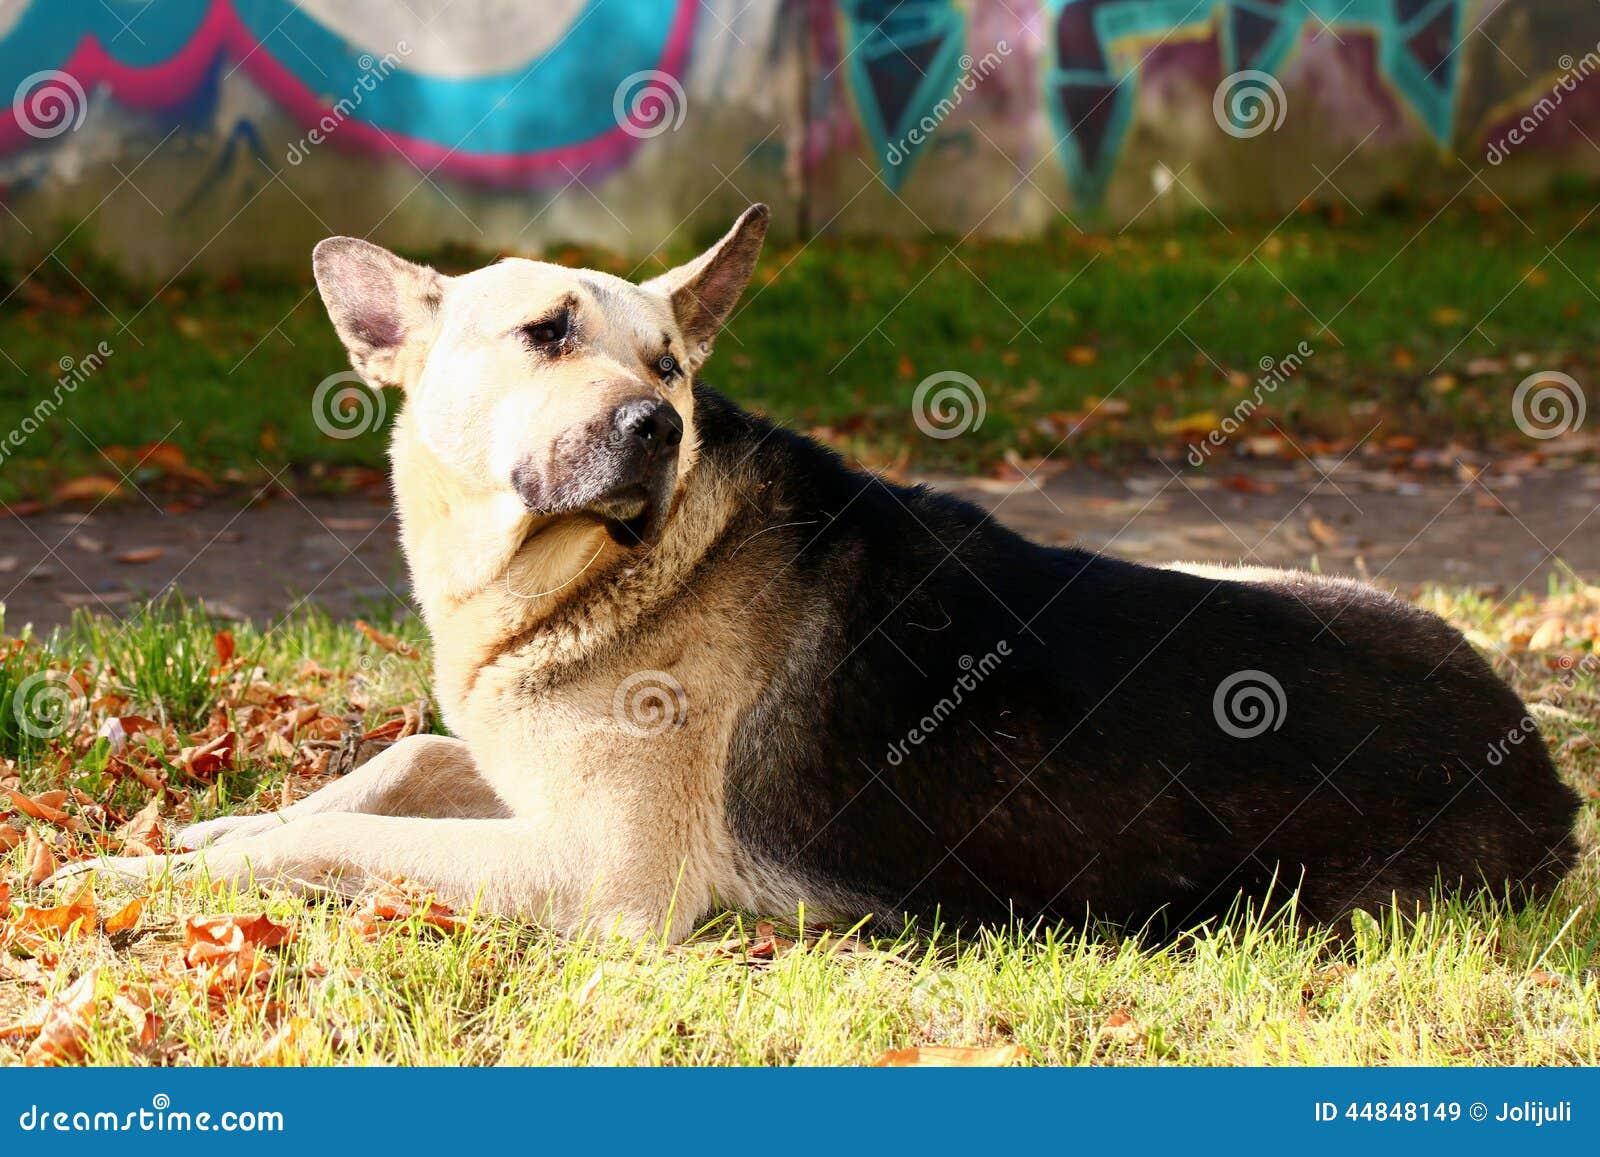 Stray Dog Stock Photo - Image: 44848149